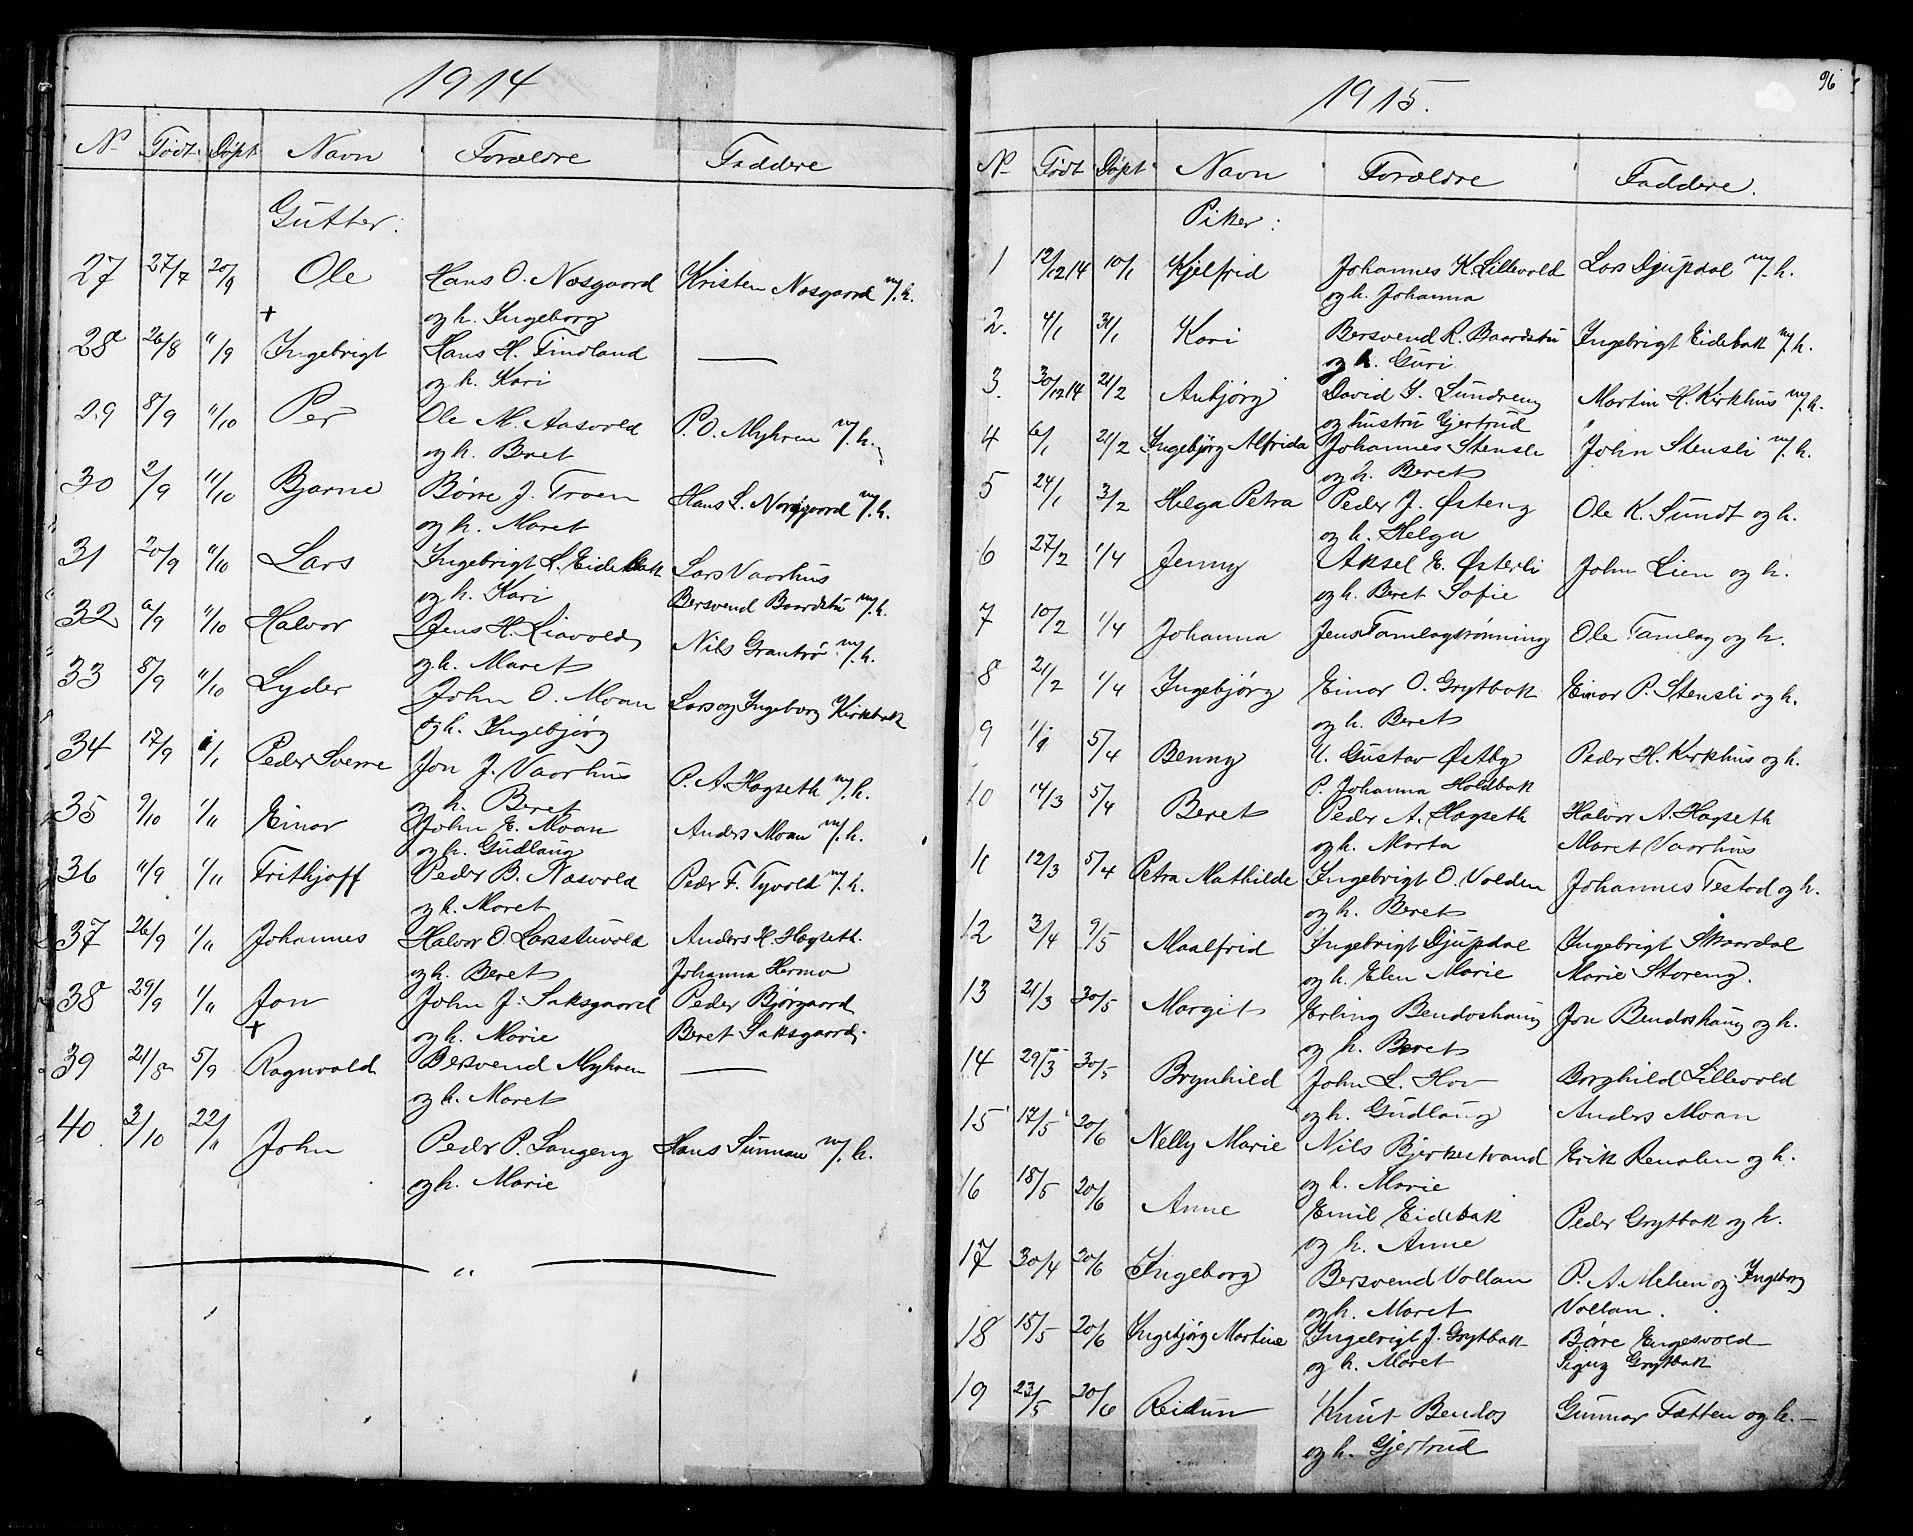 SAT, Ministerialprotokoller, klokkerbøker og fødselsregistre - Sør-Trøndelag, 686/L0985: Klokkerbok nr. 686C01, 1871-1933, s. 96